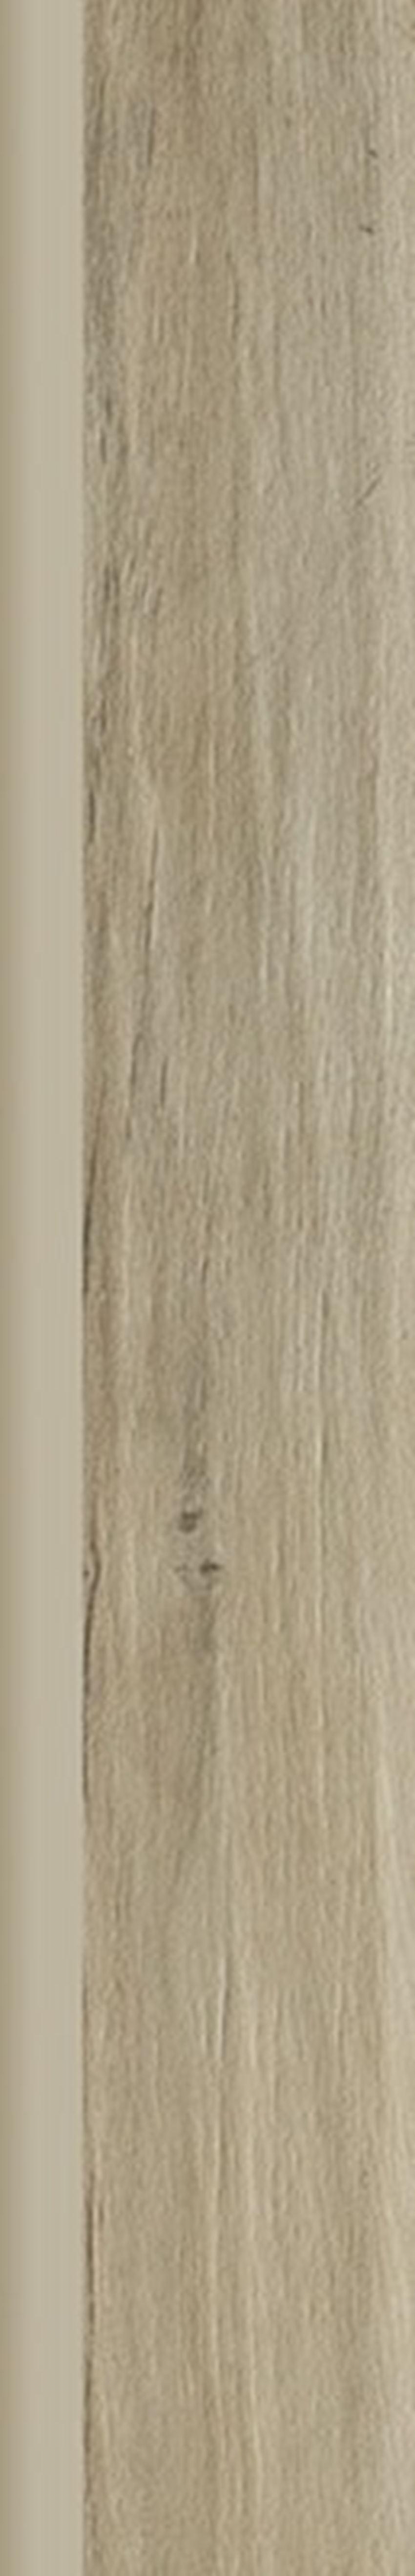 Płytka cokołowa 7,2x44,8 cm  Paradyż Soul Beige Cokół Mat